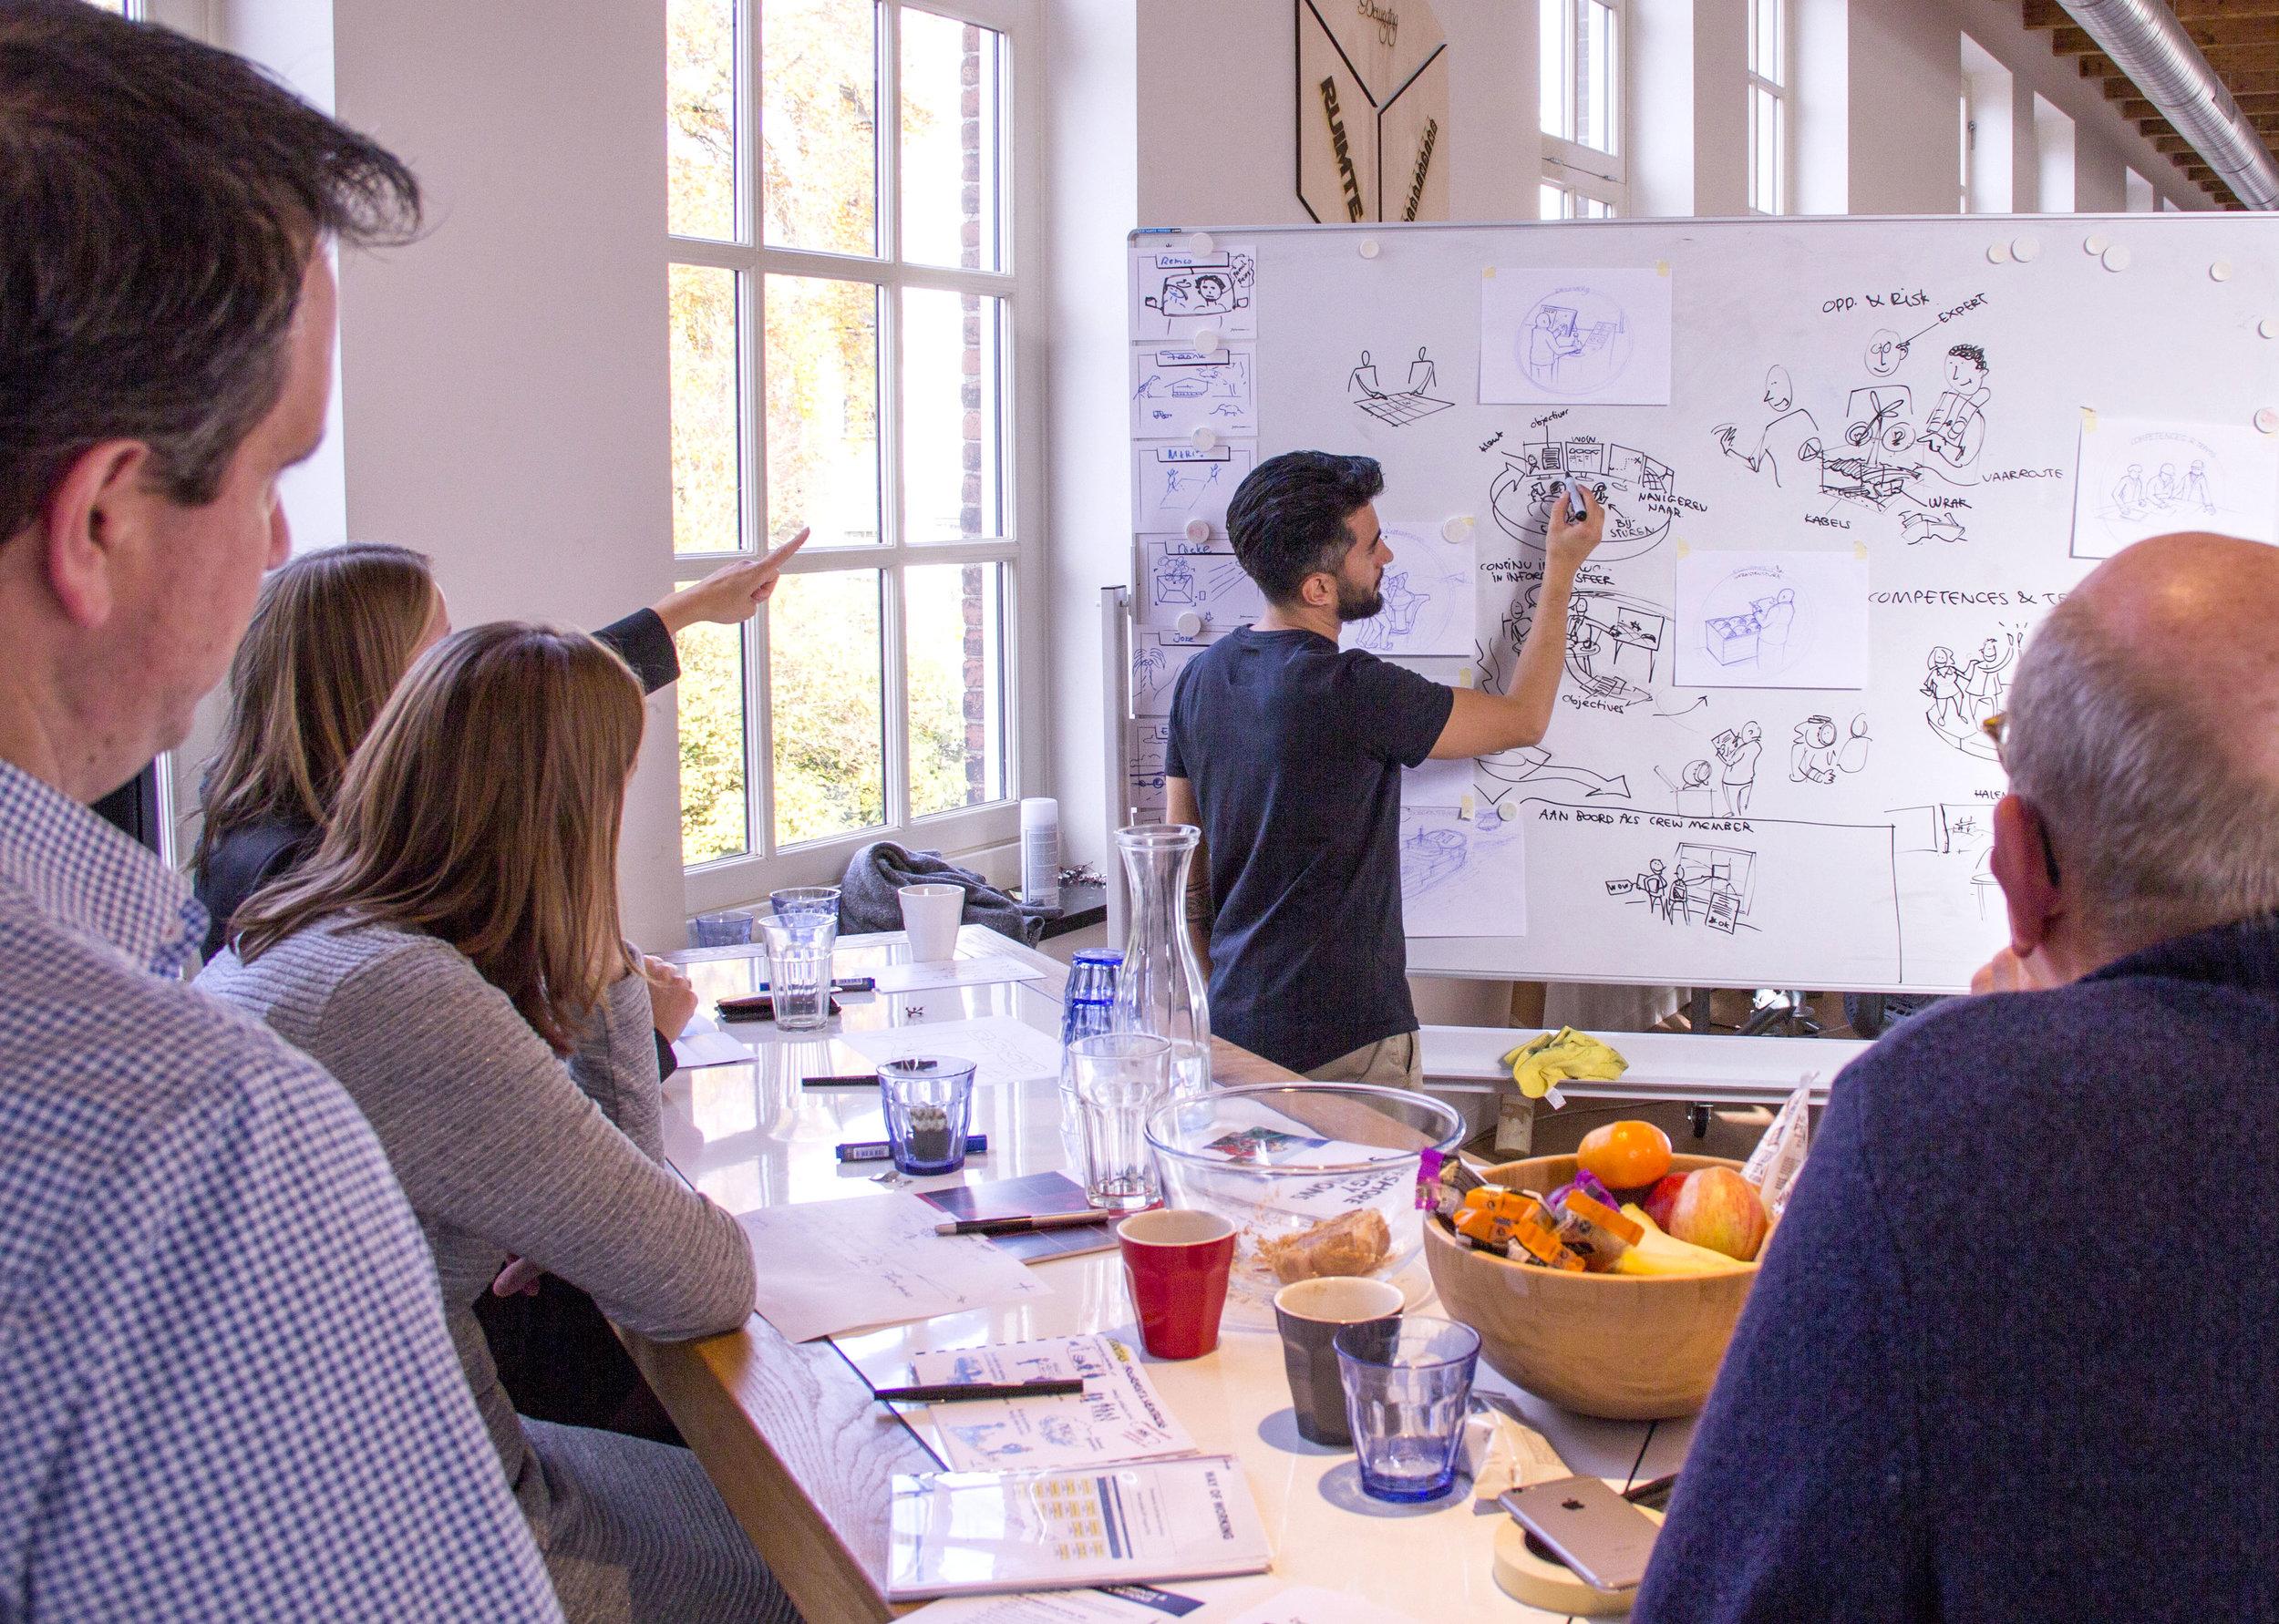 samen tekenen voor de verandering_Jam visual thinking2.jpg